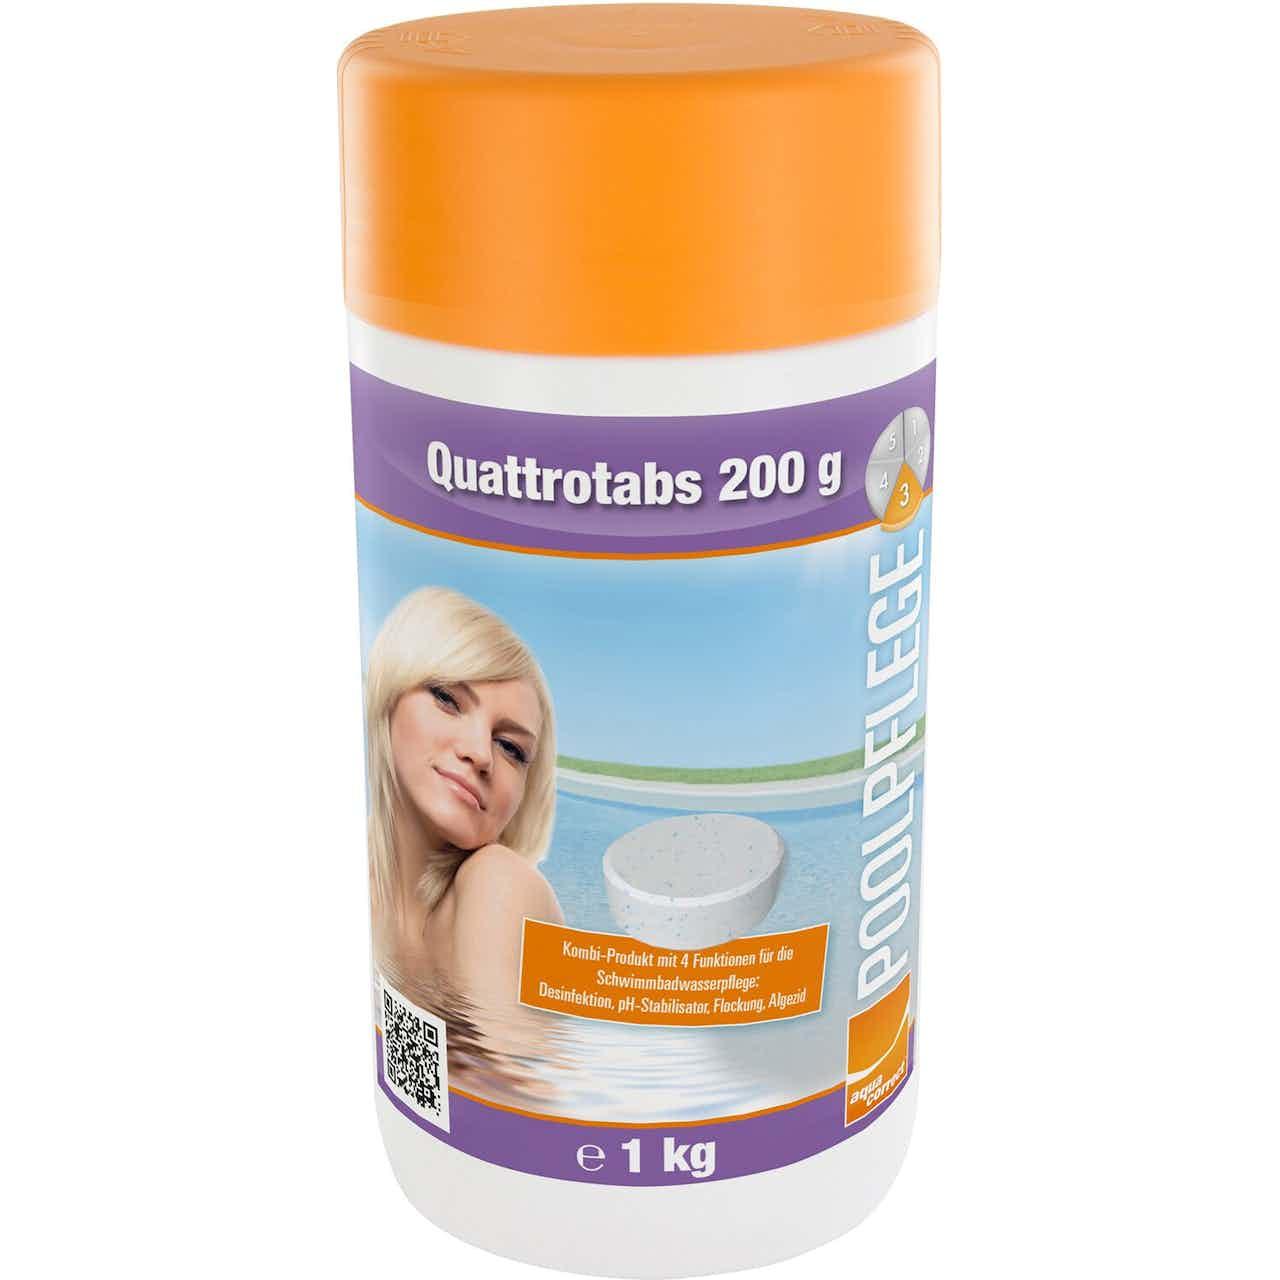 Steinbach 4-in-1 Multifunktionstabletten Quattrotabs 200 g organisch Inhalt 1 kg